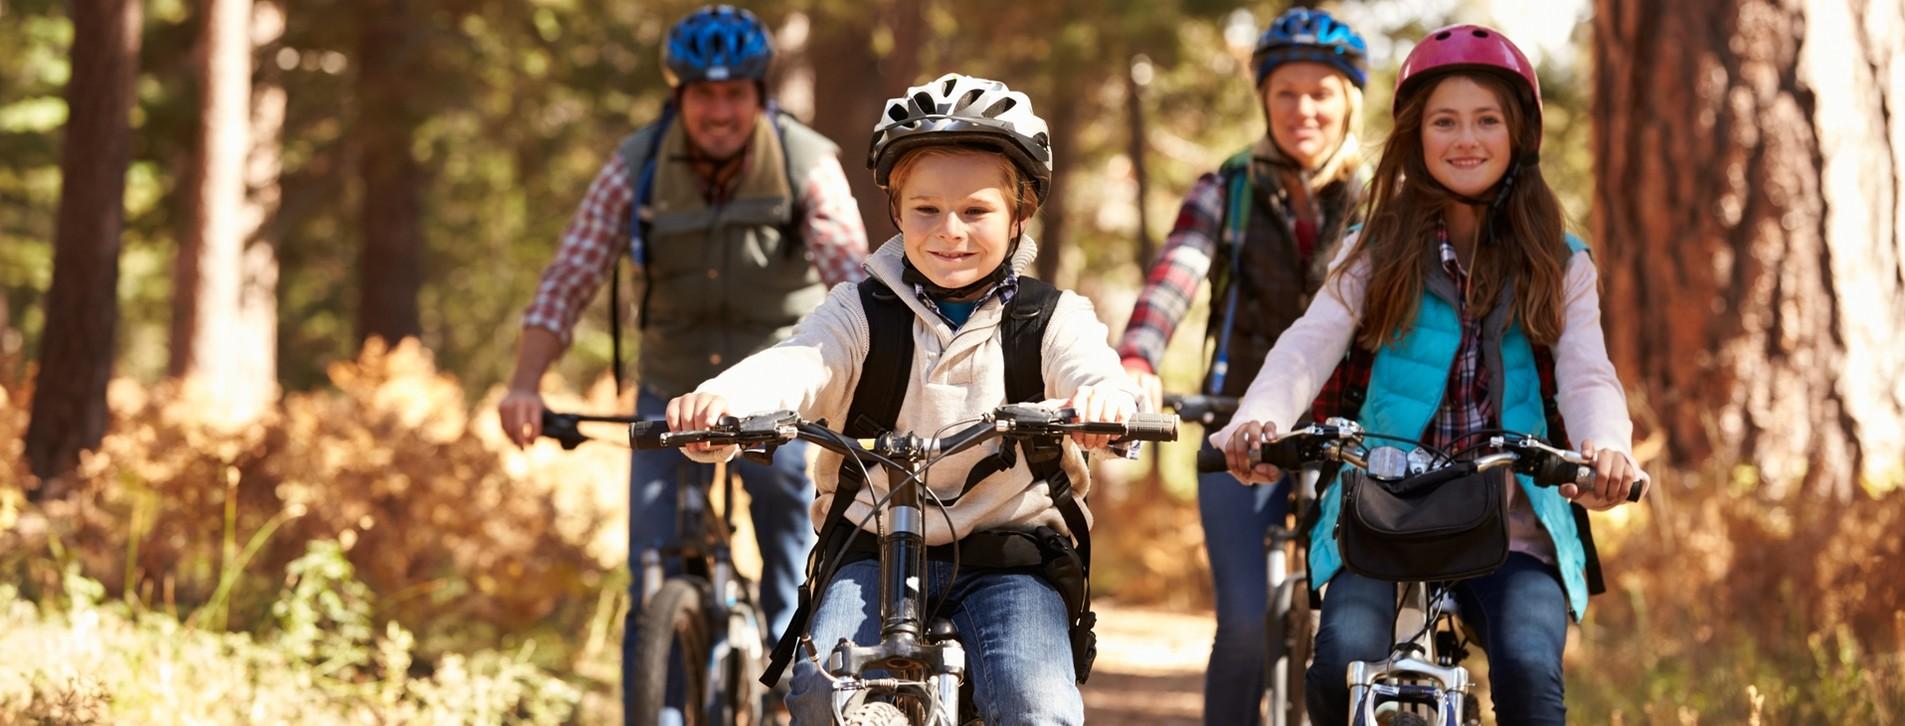 Fotoğraf - Aile için Orman Bisiklet Turu